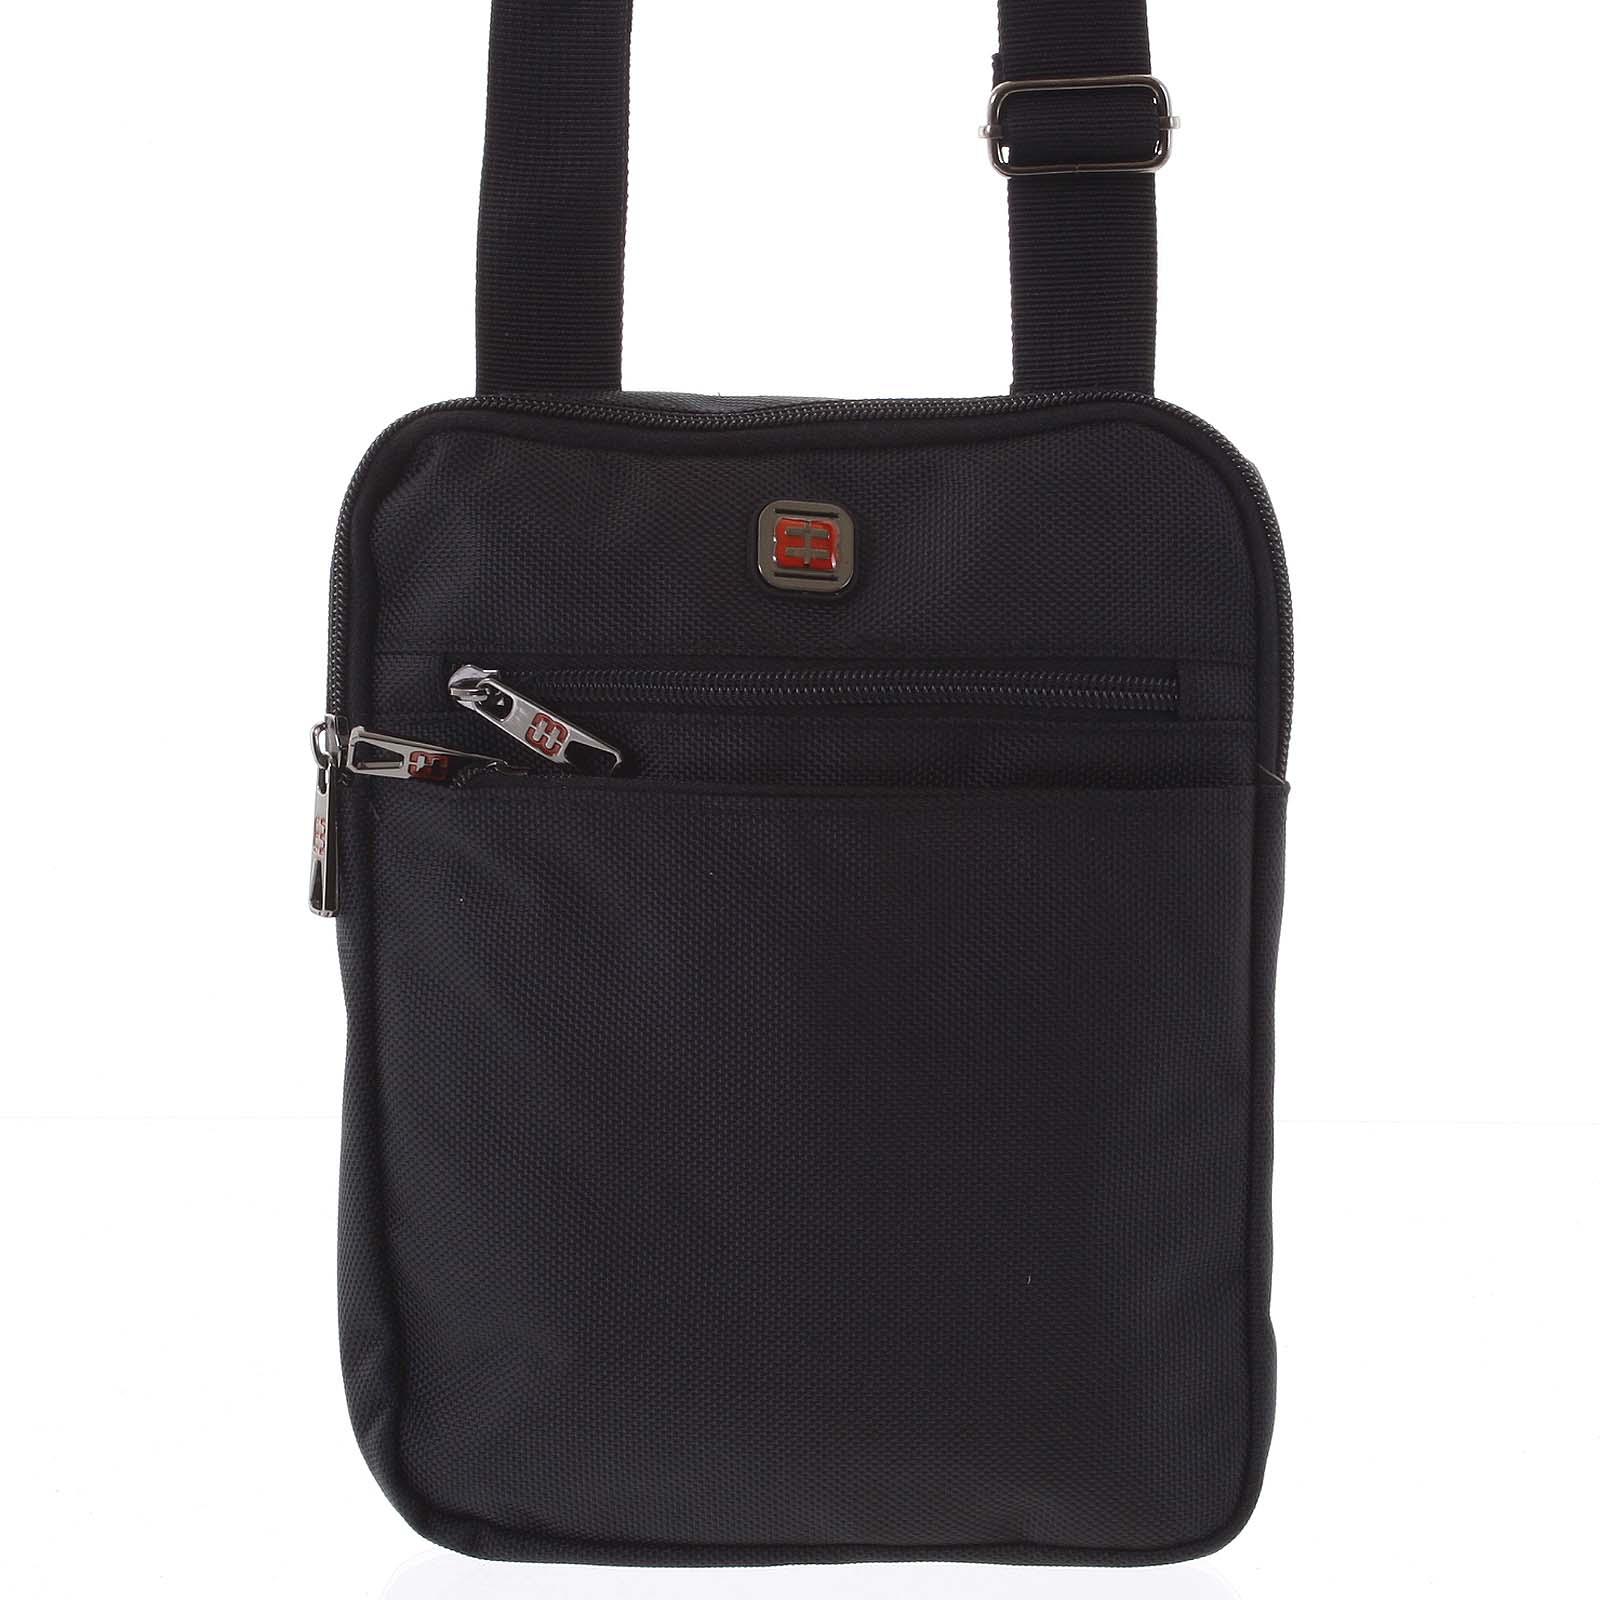 Pánska crossbody taška na doklady čierna - Enrico Benetti Najil čierna